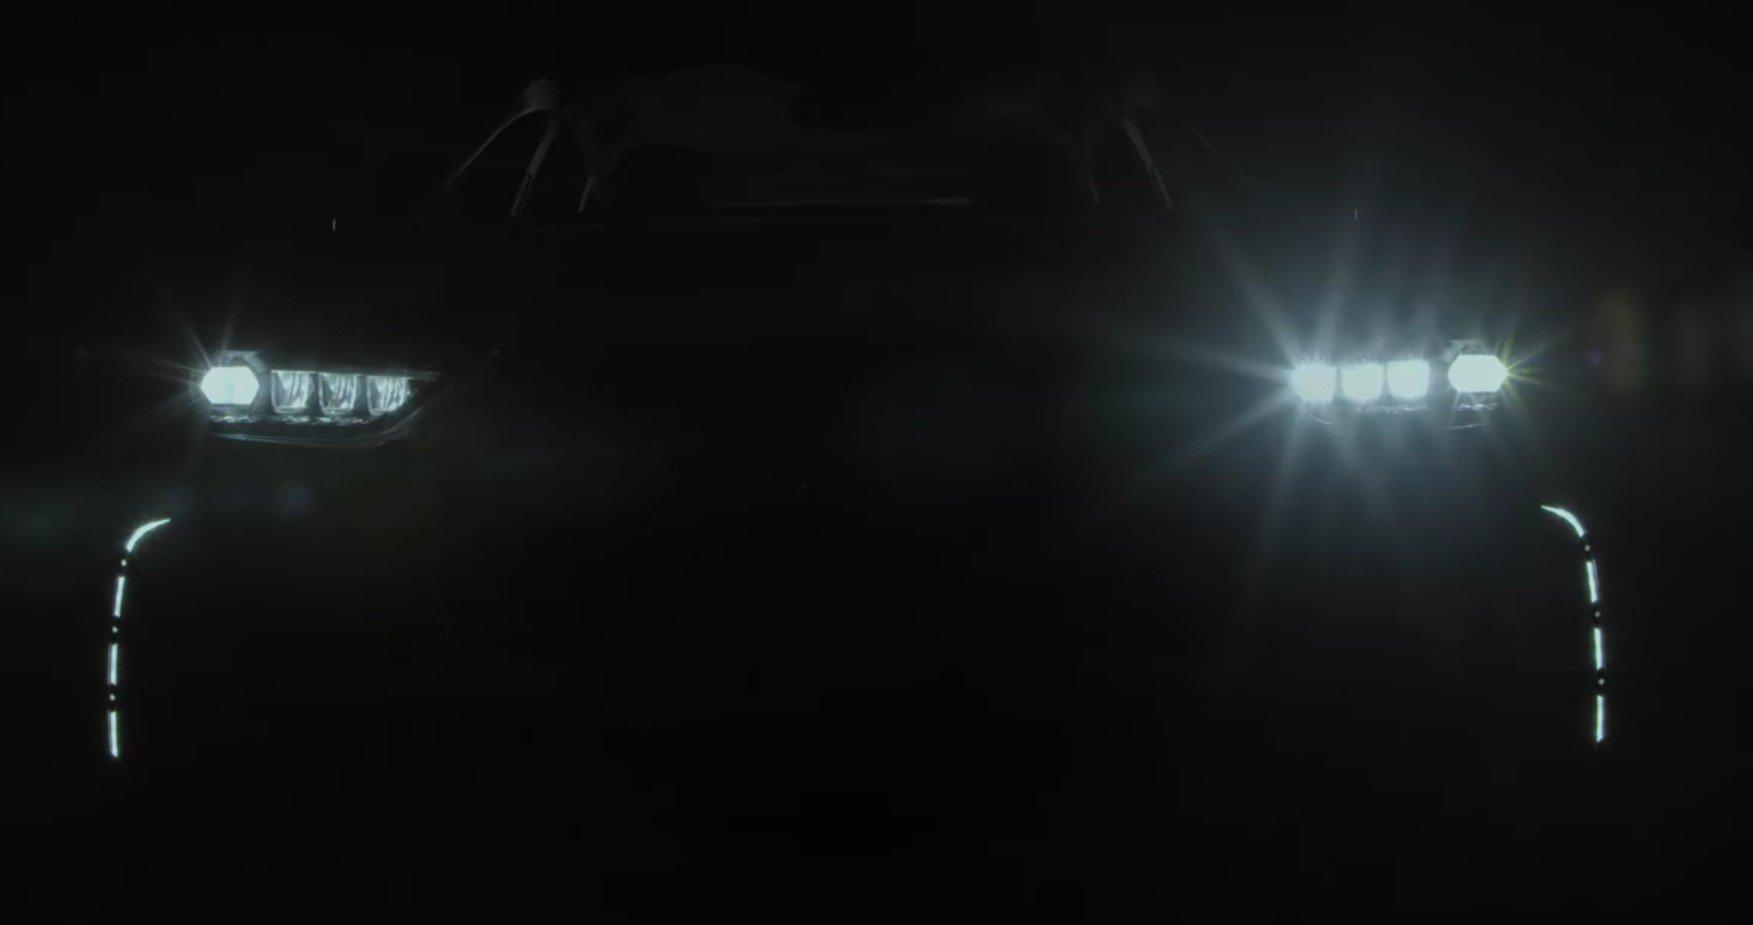 DS7 Crossback LED